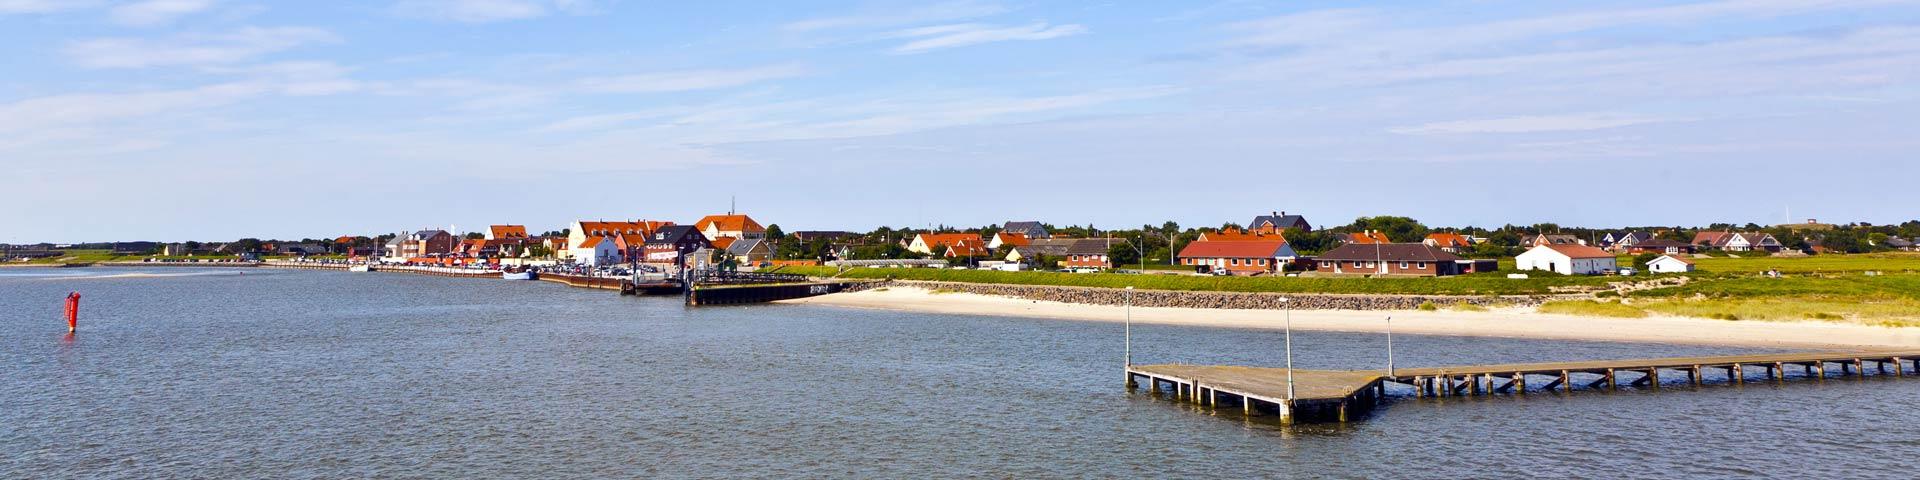 Ferienhäuser in Fanö, Dänemark